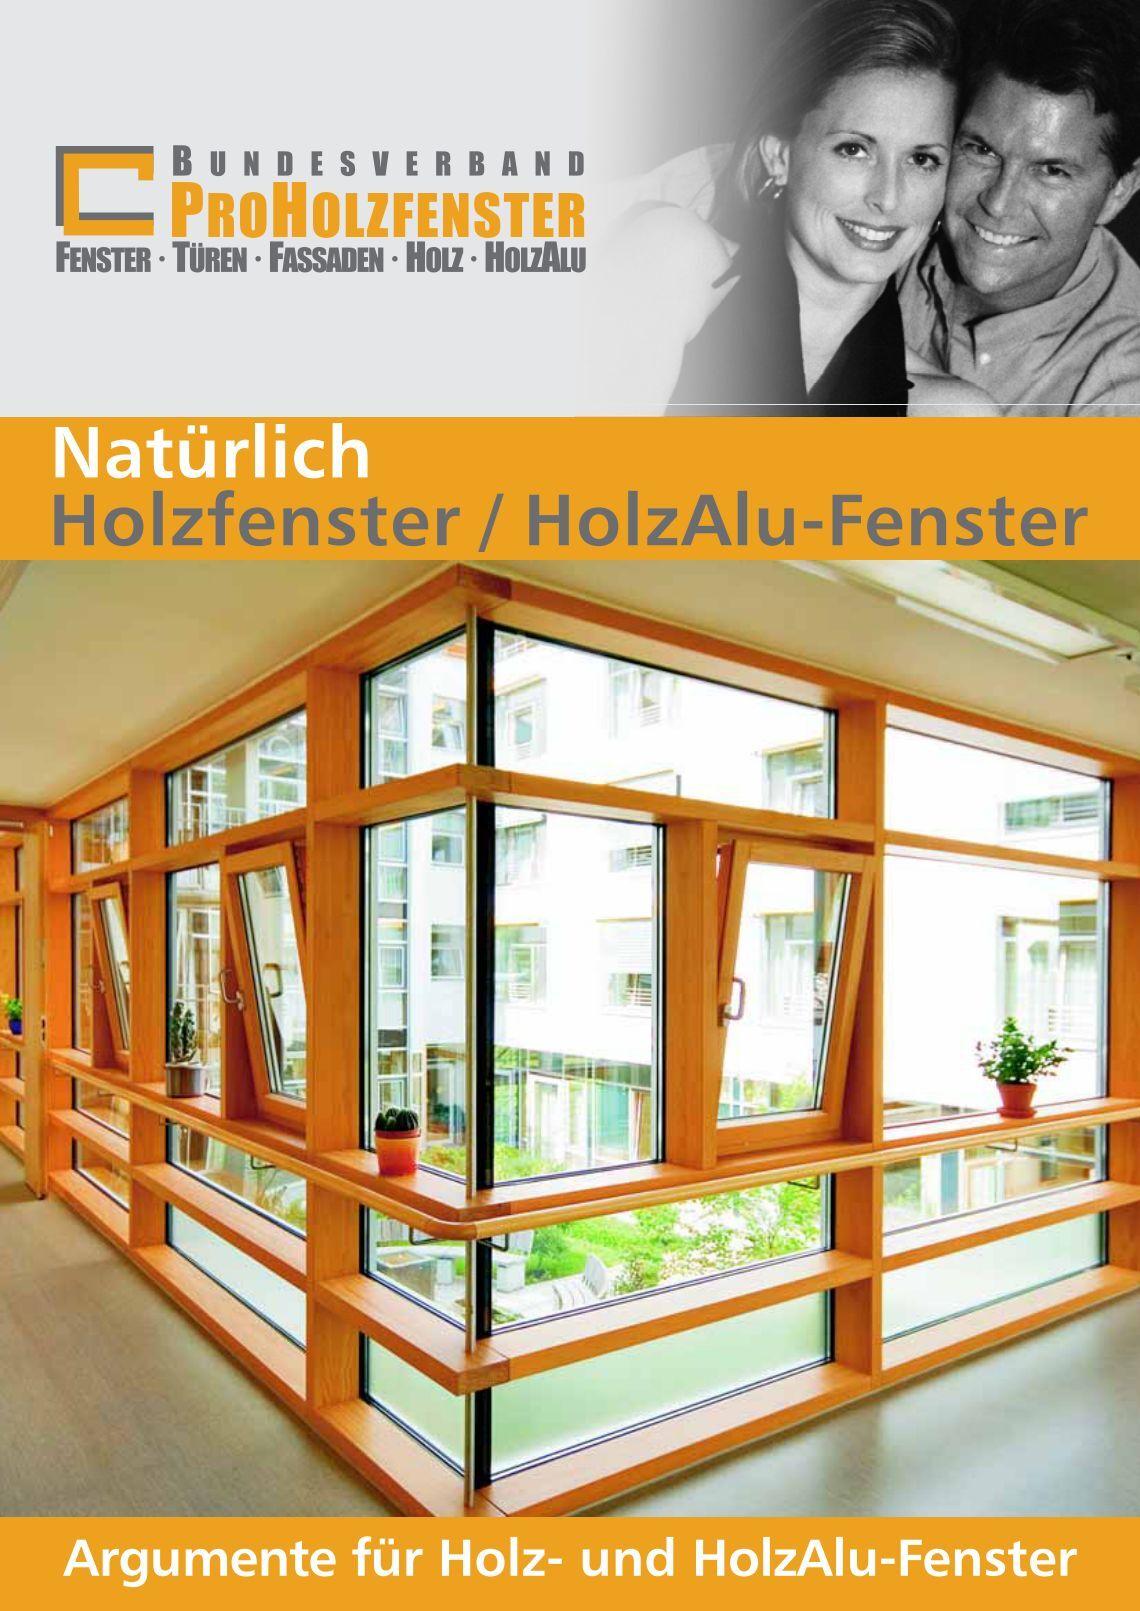 70 free magazines from proholzfenster de - Bundesverband wintergarten ev ...